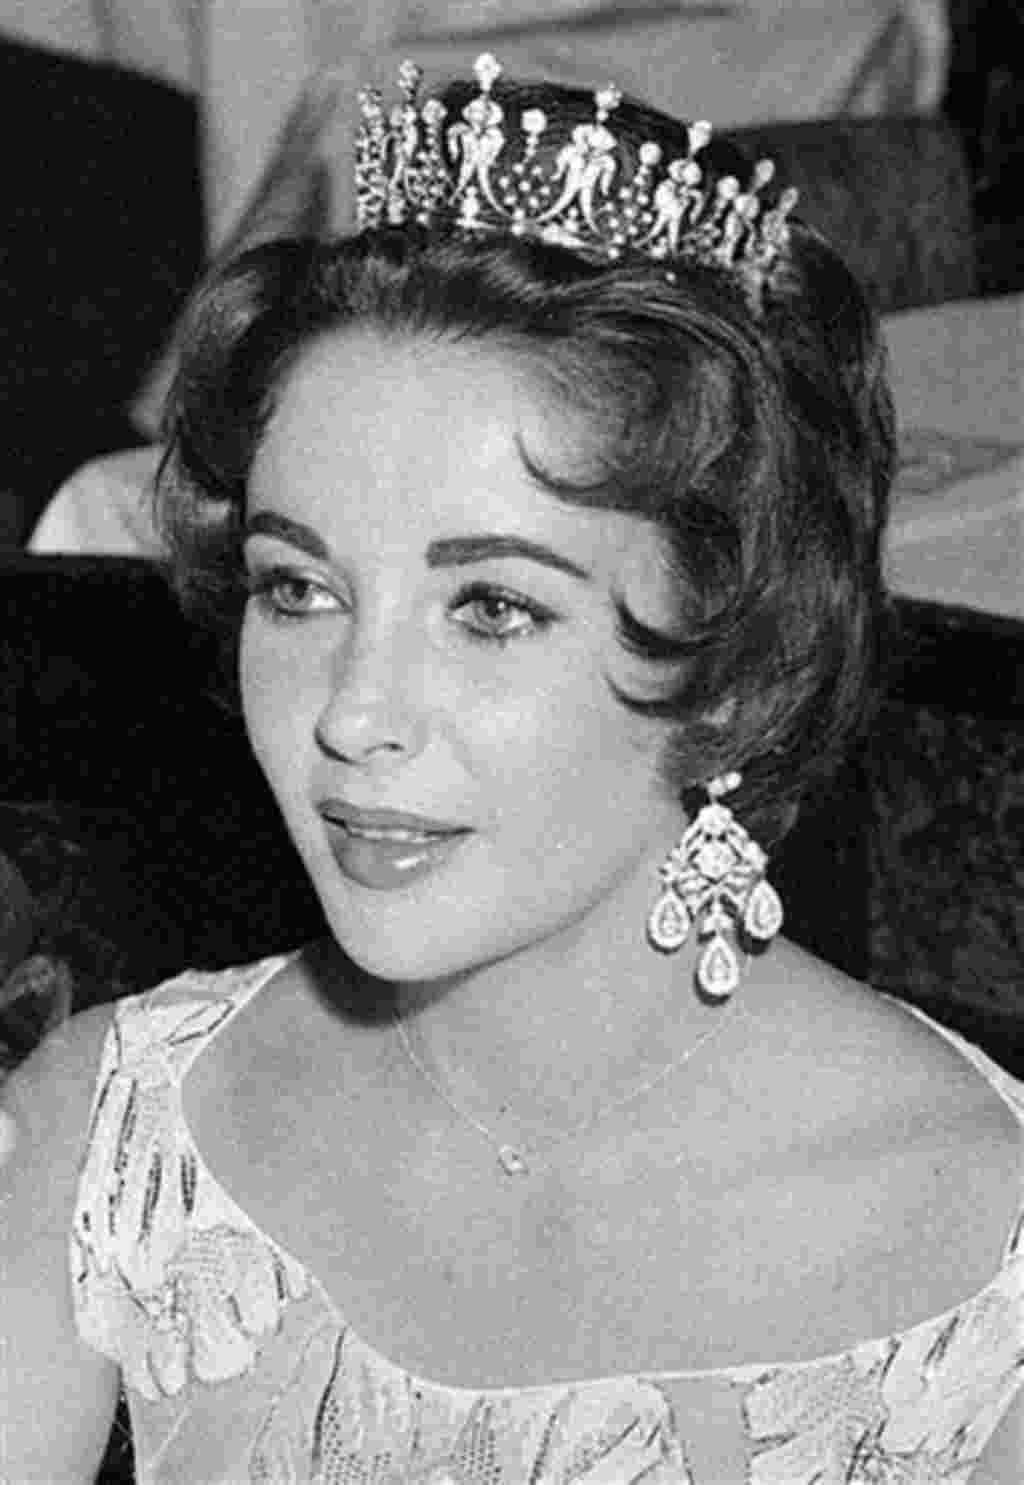 La actriz Elizabeth Taylor con una corona en el St. Valentine's Ball de la comunidad estadounidense de in Paris, febrero de 1958.